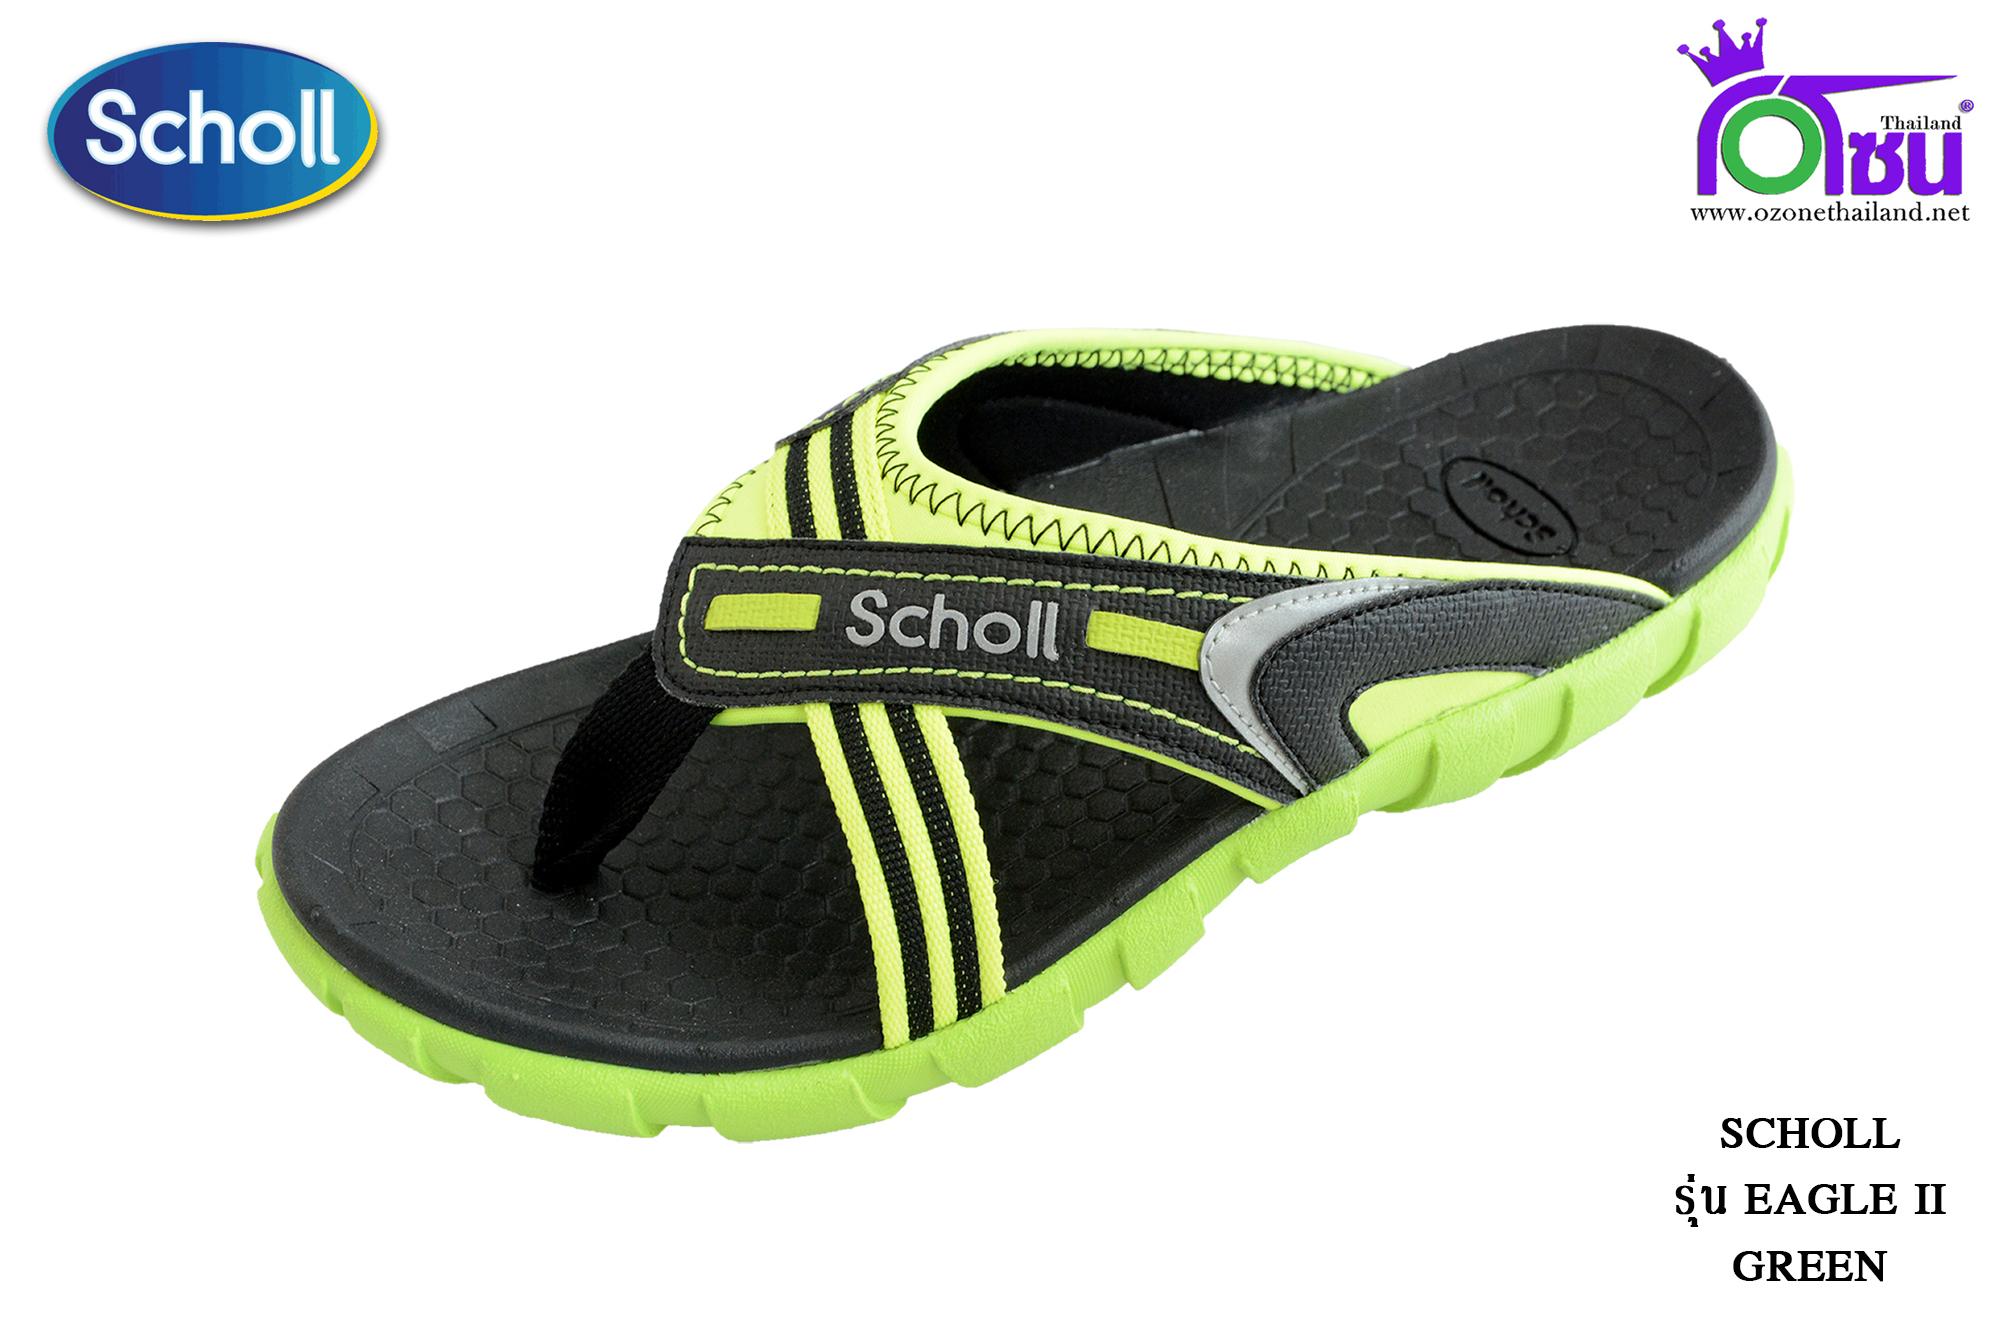 Scholl Eagle II (อีเกิ้ล 2) สีเขียวดำ เบอร์ 3-9